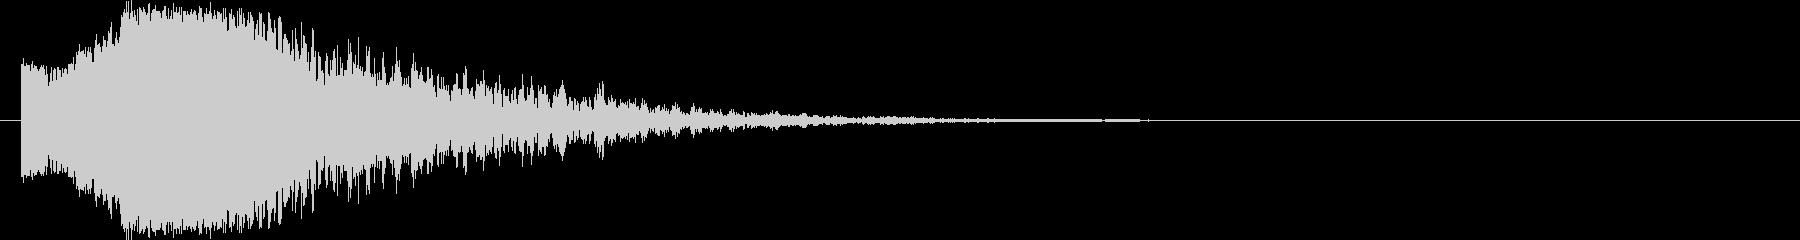 派手で印象的な斬撃音#8の未再生の波形